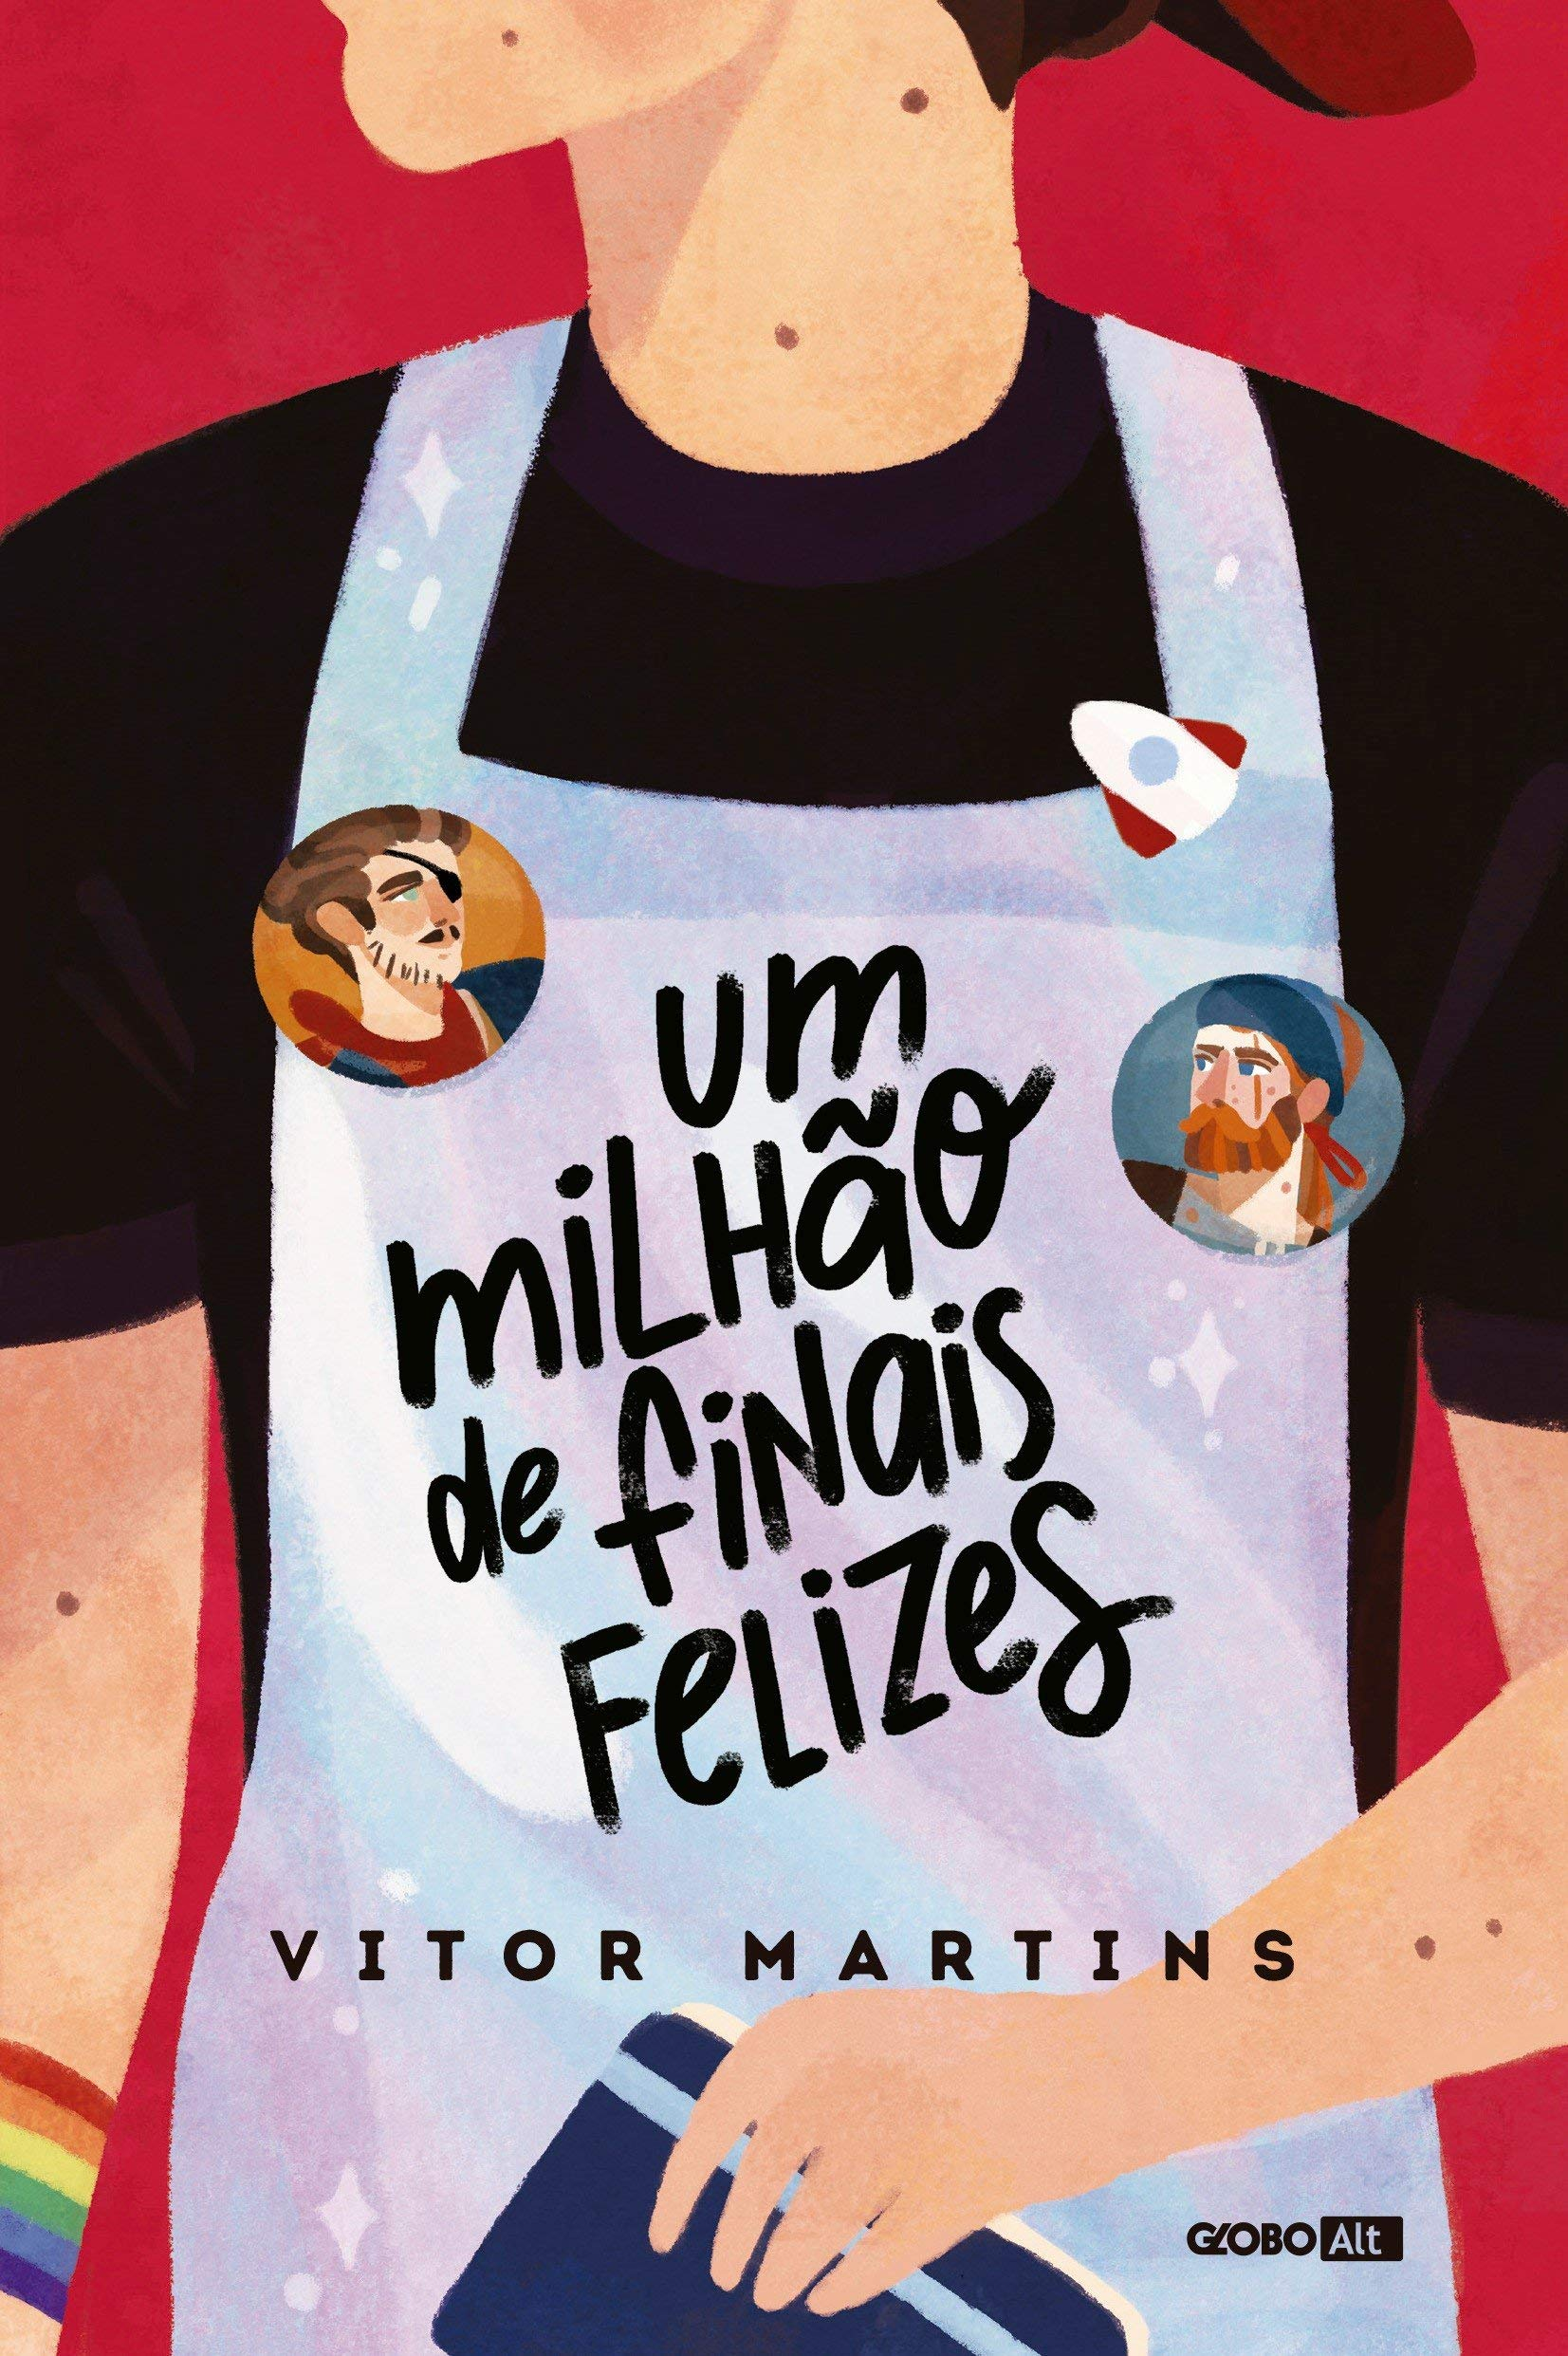 Livro 'Um milhão de finais felizes' de Vitor Martins